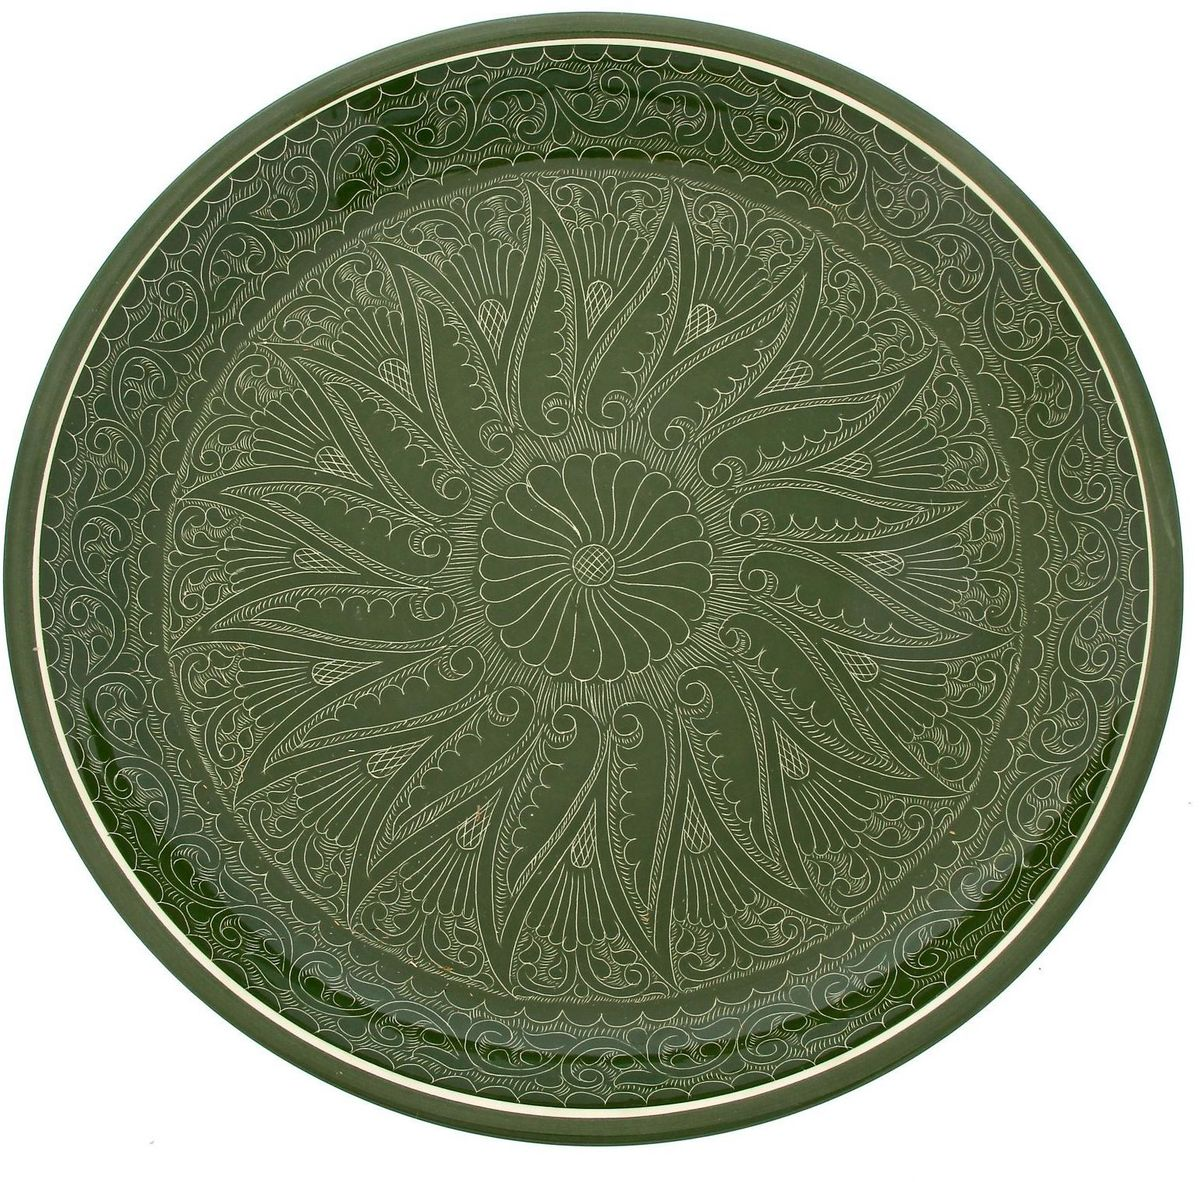 Ляган Риштанская керамика, диаметр 36 см. 19234551923455Ляган — это не просто обеденный атрибут, это украшение стола. Посуда с национальной росписью станет отменным подарком для ценителей высокородной посуды.Риштан — город на востоке Узбекистана, один из древнейших в Ферганской долине. С давних времён Риштан славится своим гончарным искусством изготовления цветной керамики. Красноватую глину для изделия добывают в самом городе. Мастера утверждают, что их глина настолько высокого качества, что даже не нуждается в предварительной обработке. Дополните коллекцию кухонных аксессуаров пряными восточными нотами.